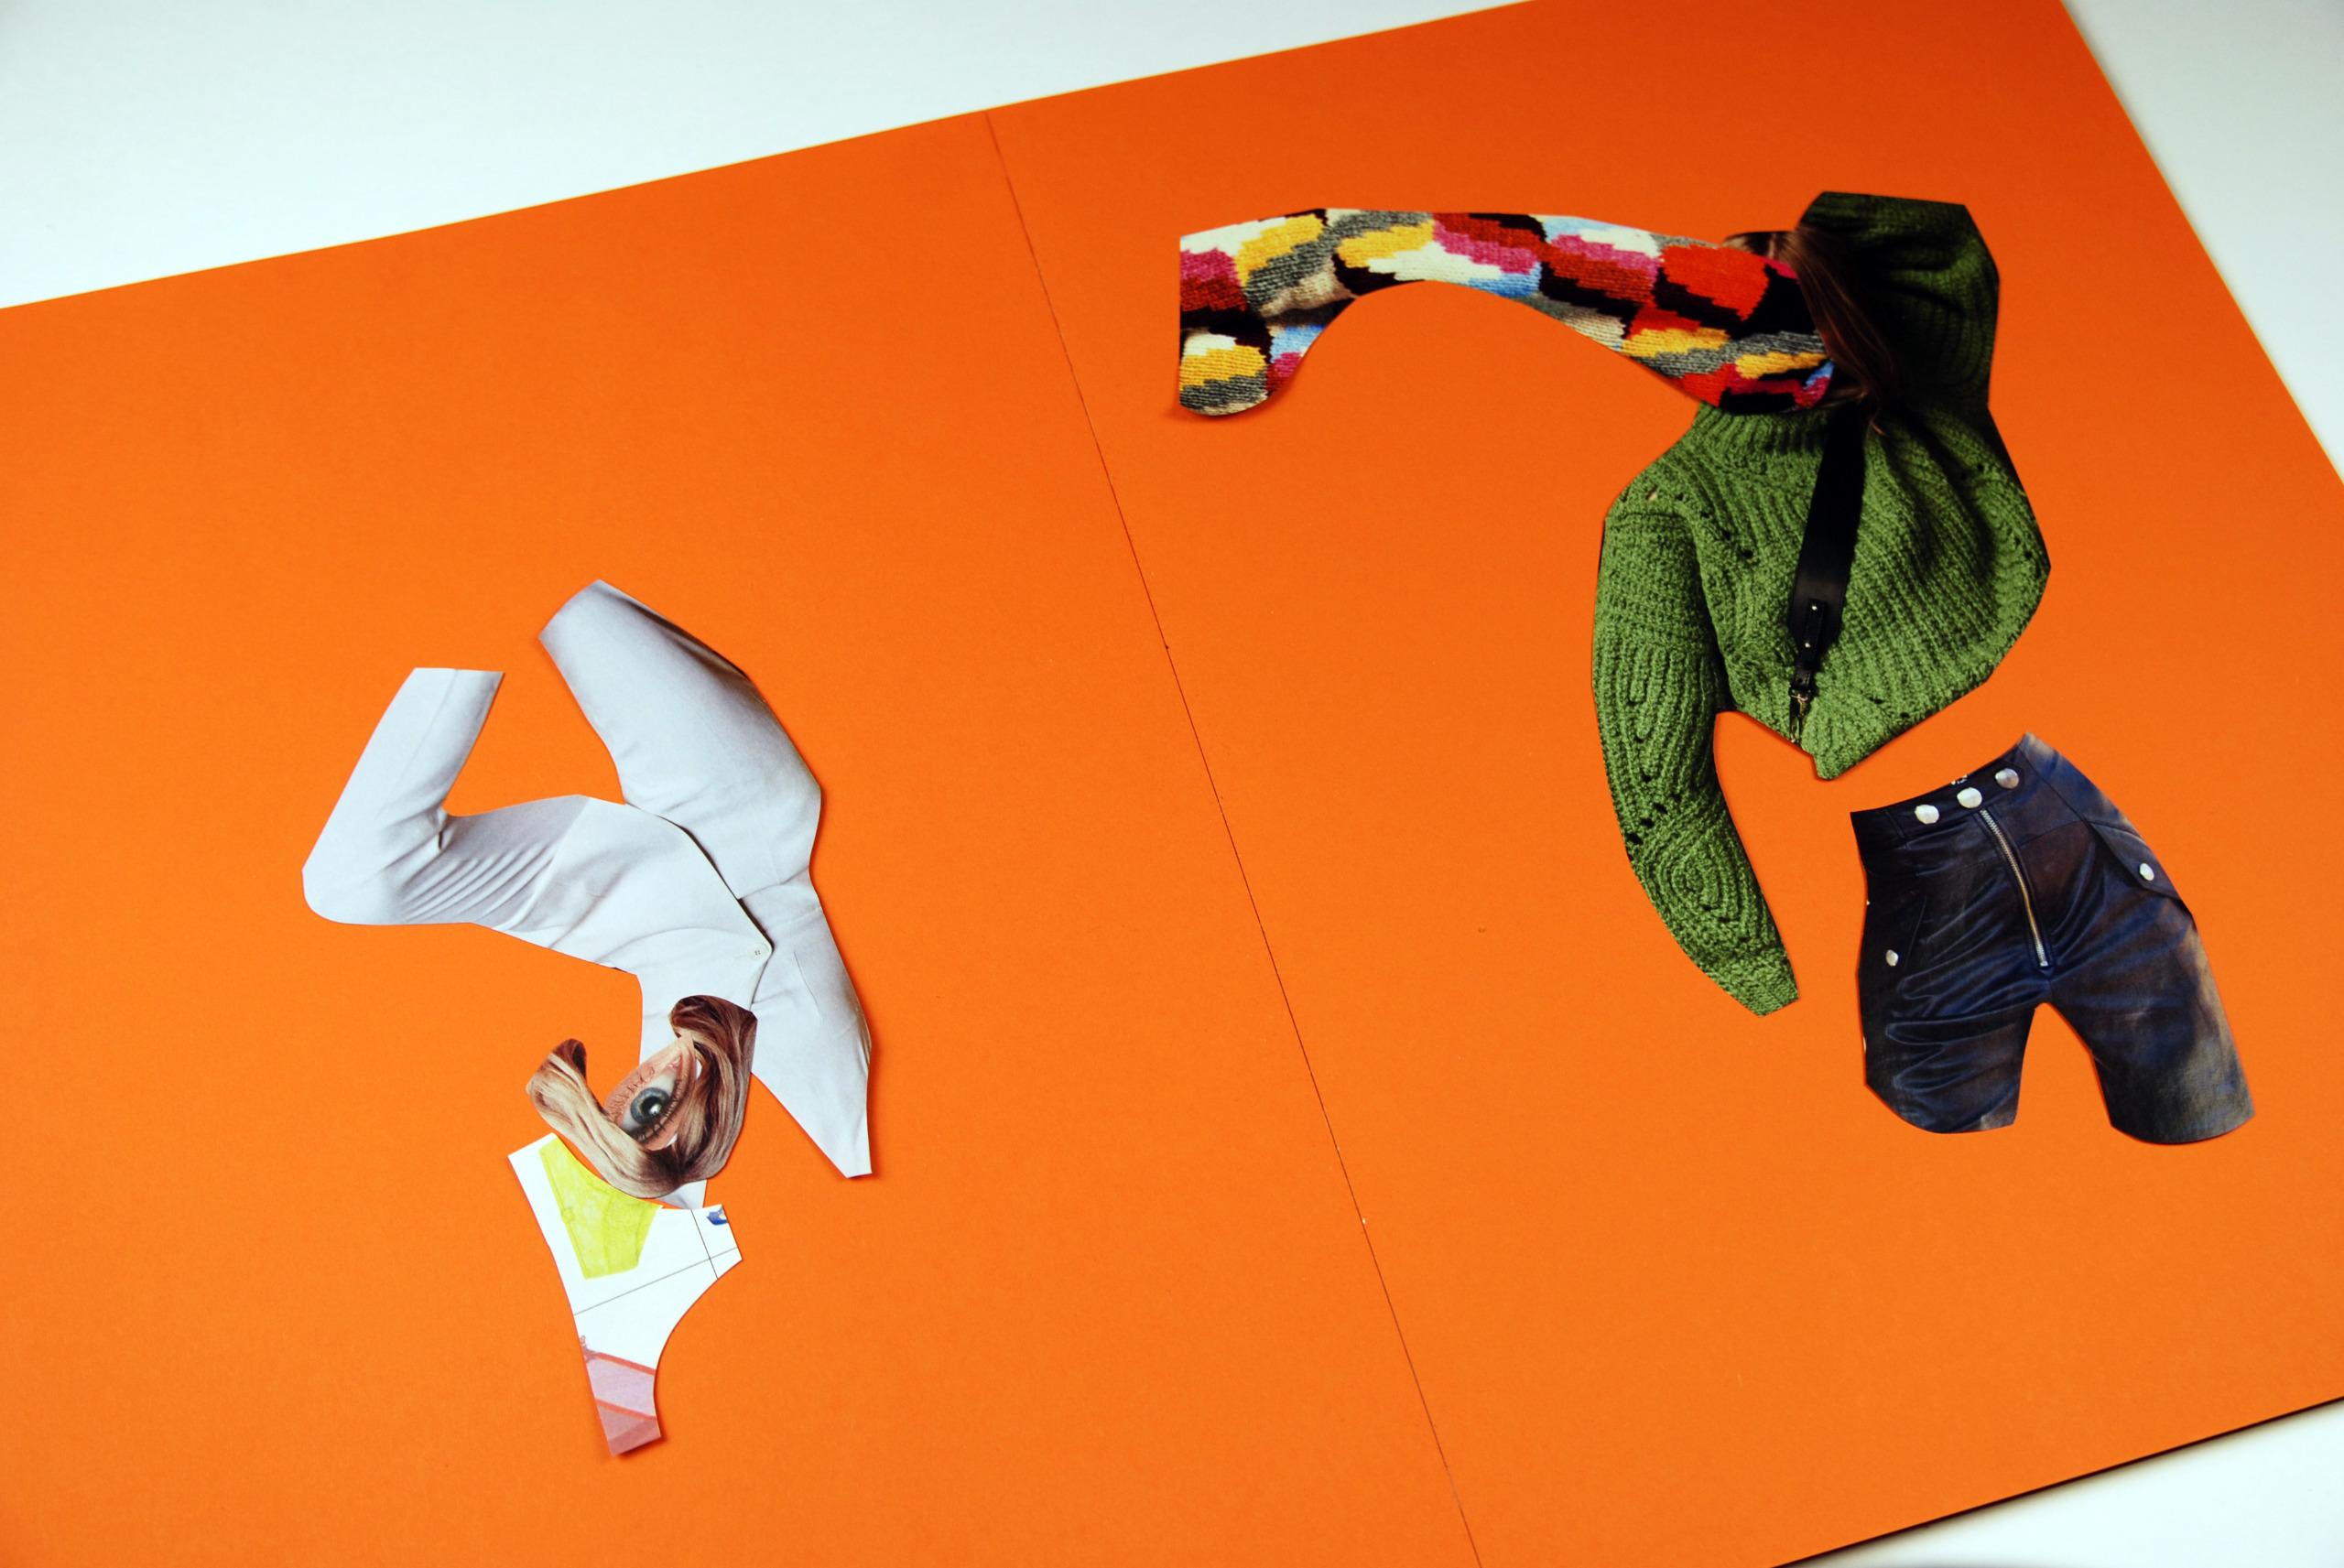 Zdjęcie przedstawia rozłożony pomarańczowy zeszyt z powycinanymi elementami z gazet.